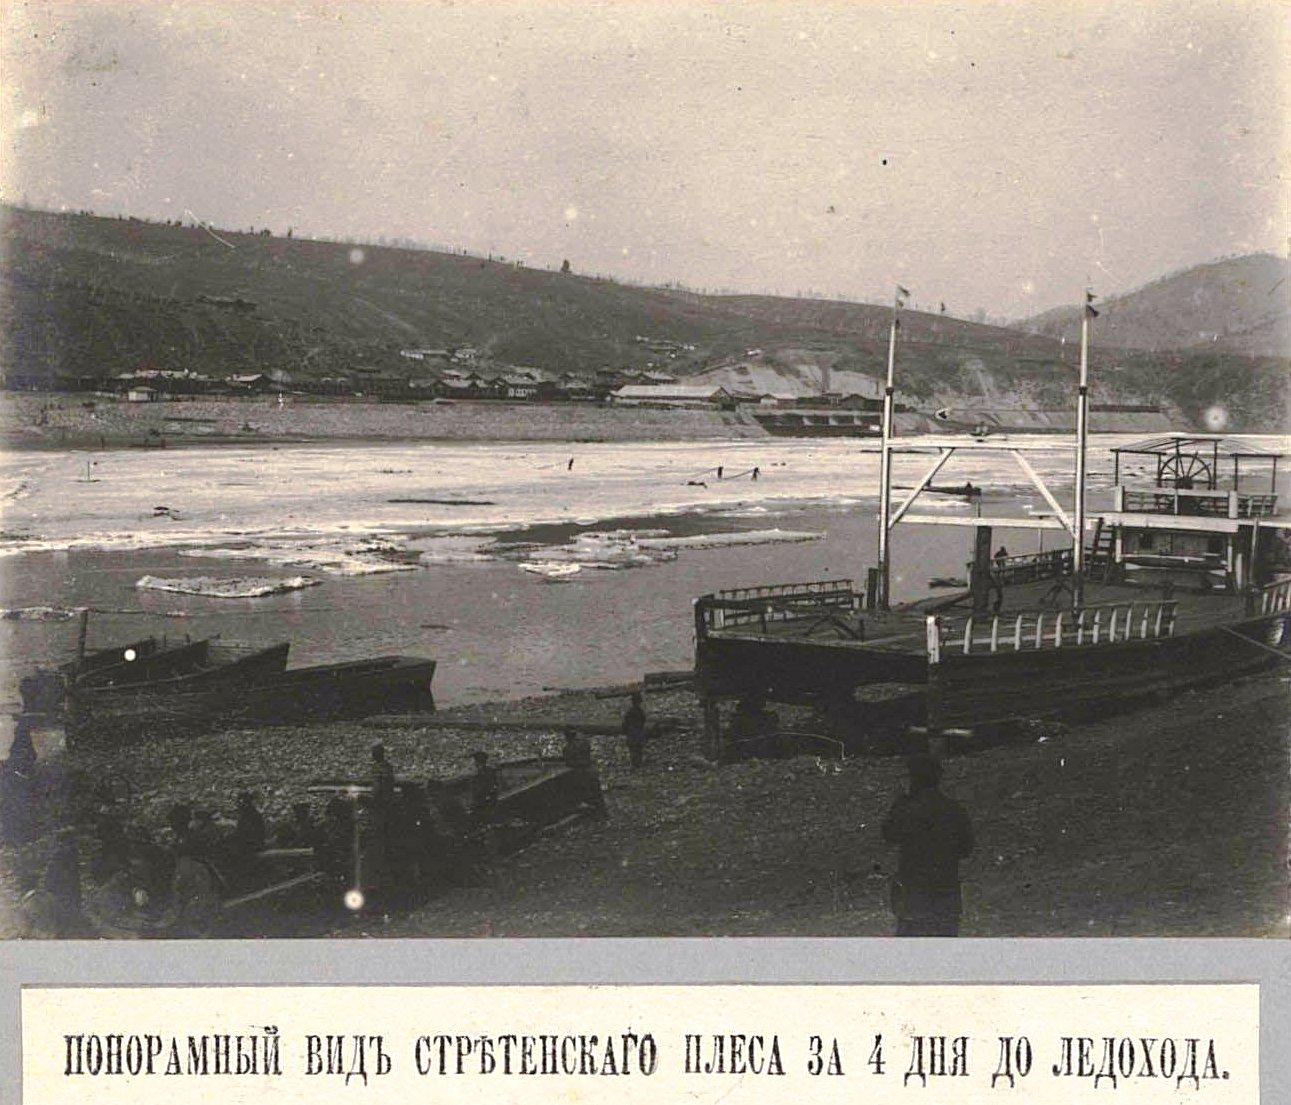 17. Панорамный вид Сретенского плёса за четыре дня до ледохода